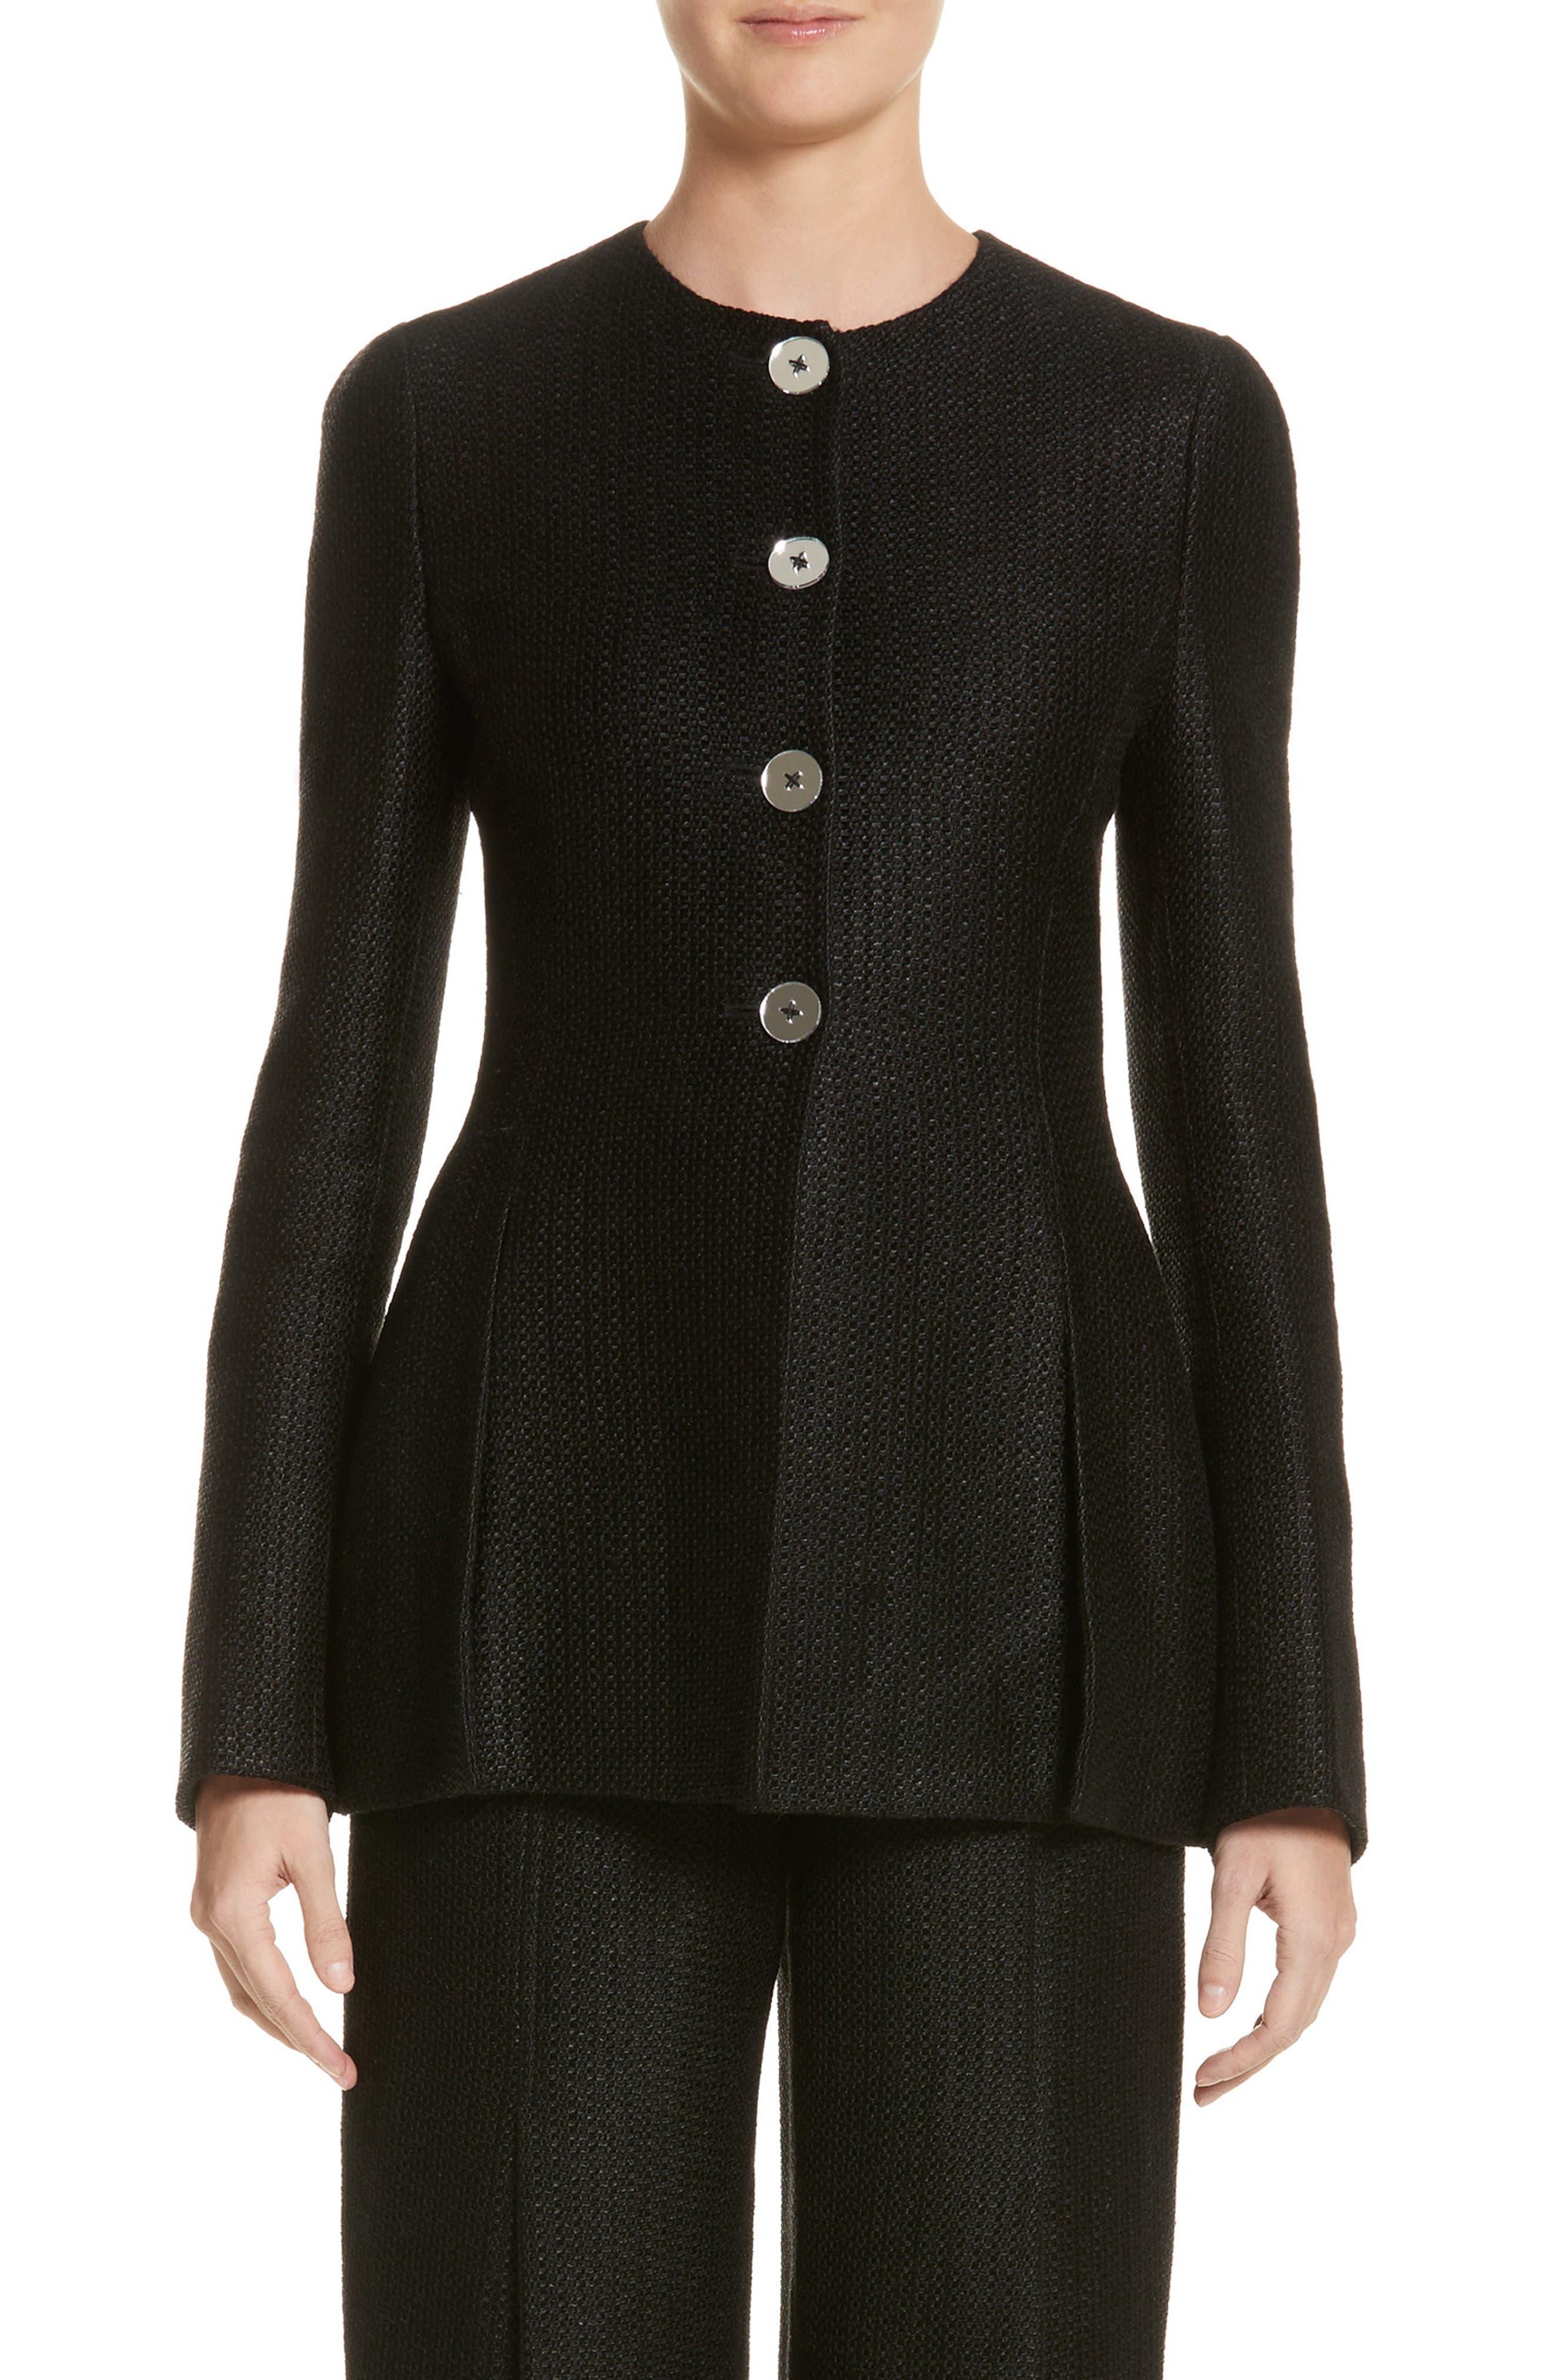 Linen & Silk Blend Tweed Jacket,                         Main,                         color, Black